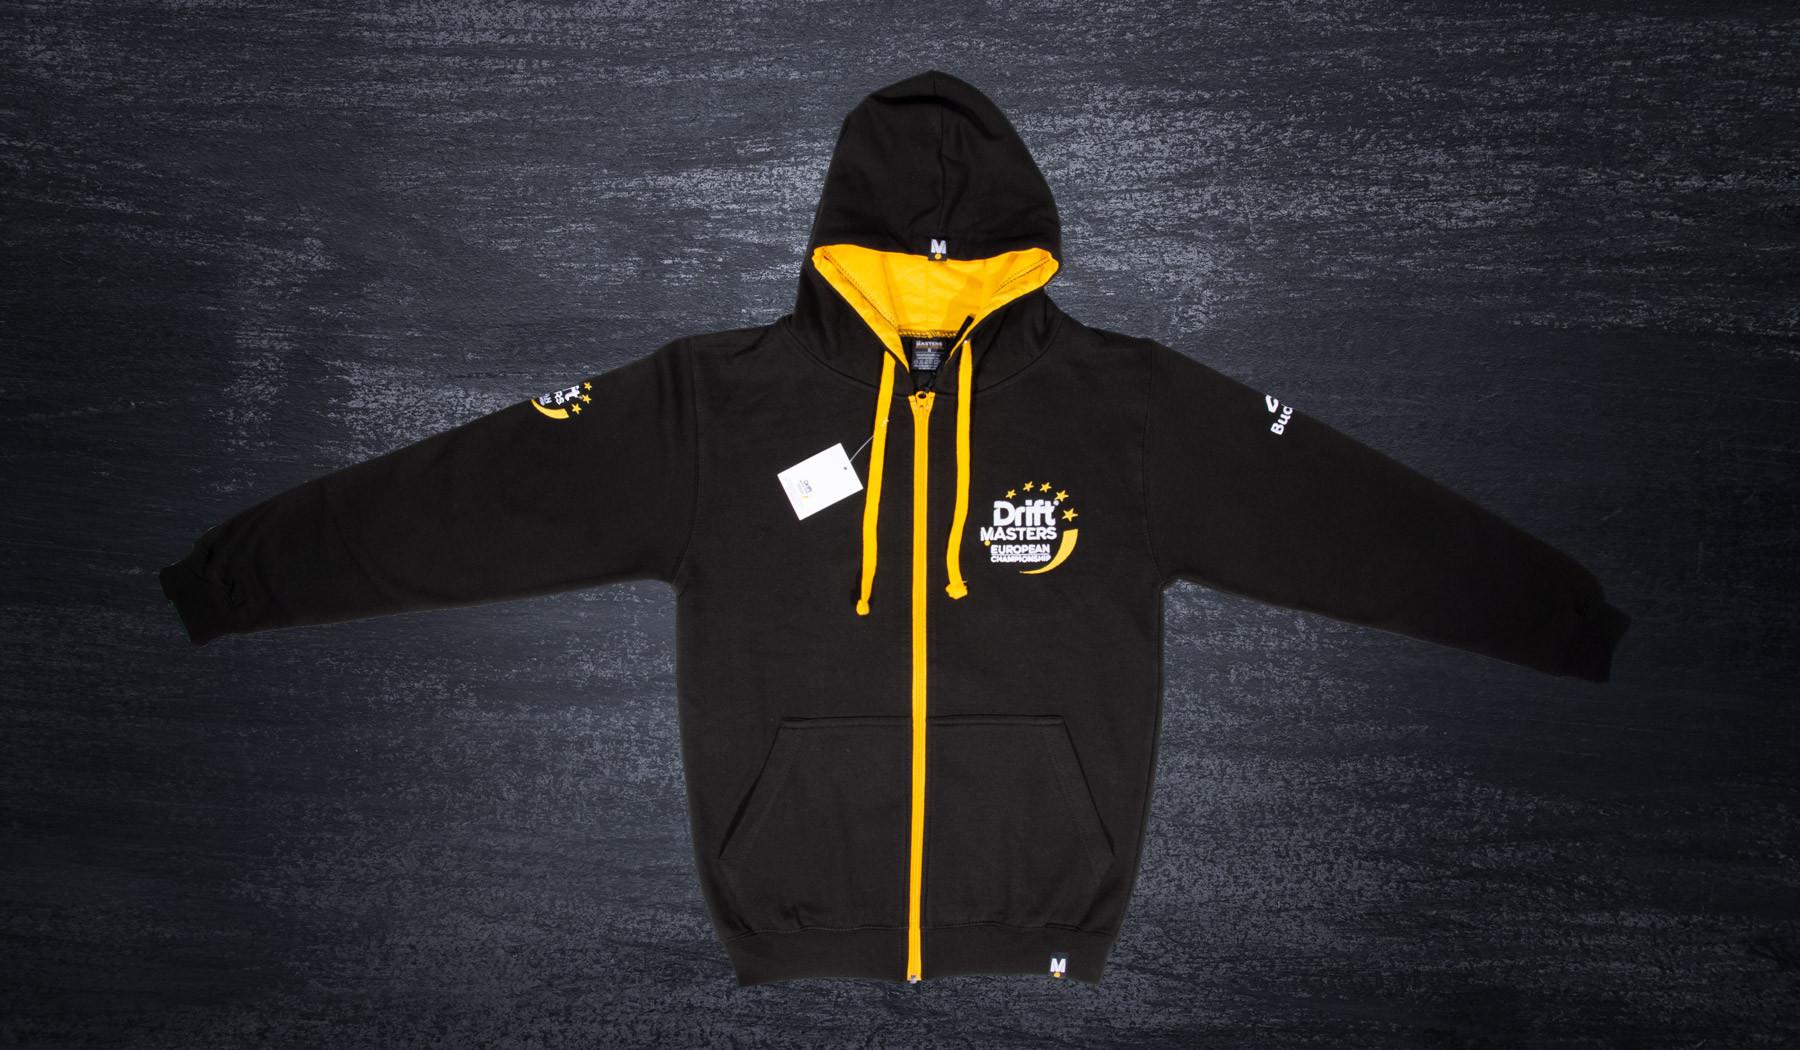 DMEC Budmat zip hoodie black/yellow